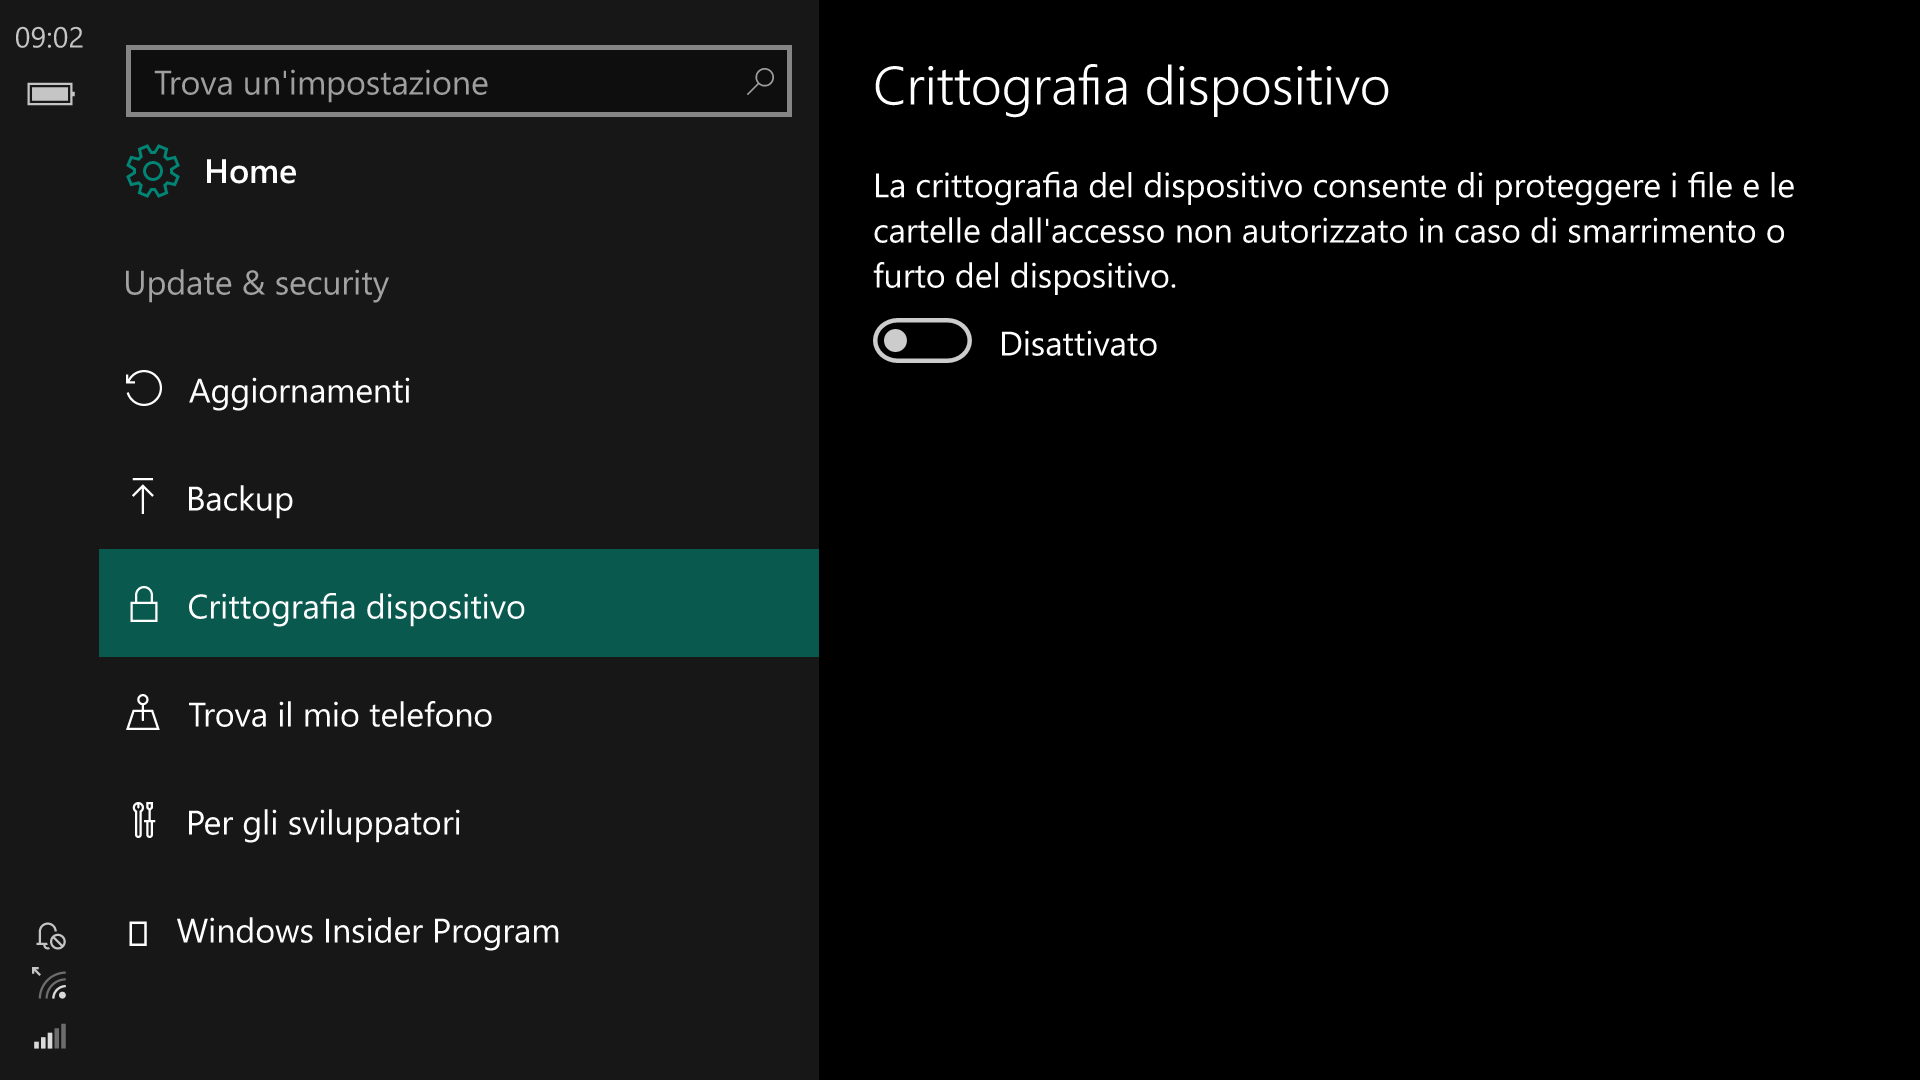 Impostazioni - Windows 10 Mobile 14342 - Crittografia dispositivo